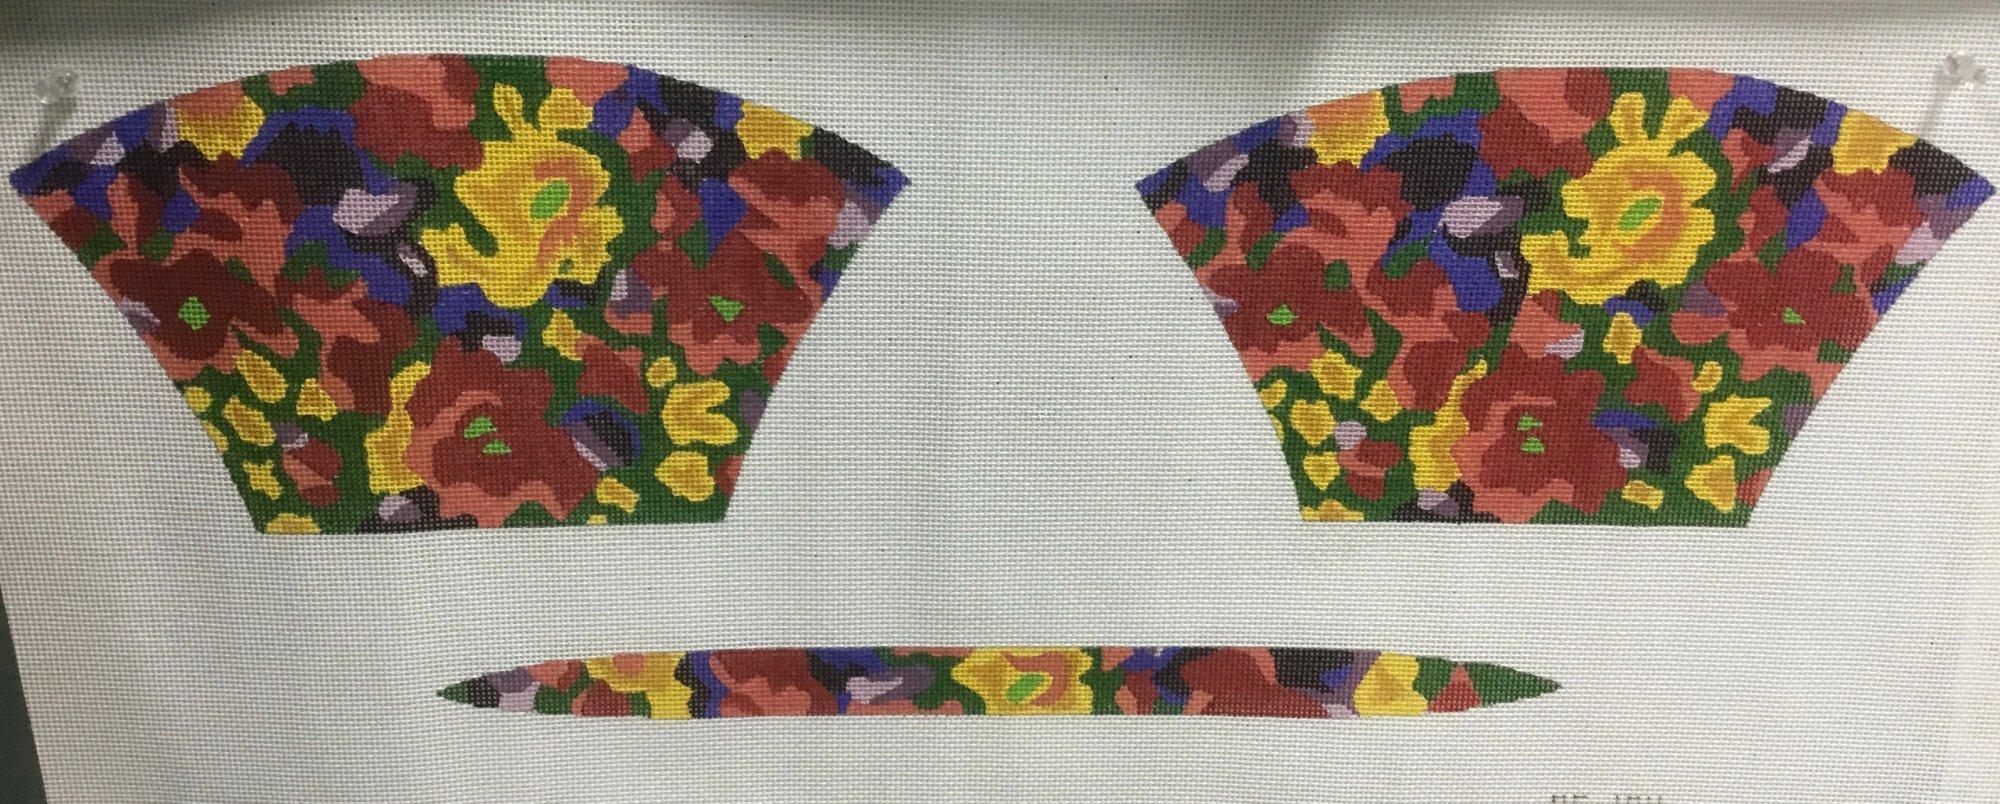 Floral Purse,13 Ct,6 1/2x11